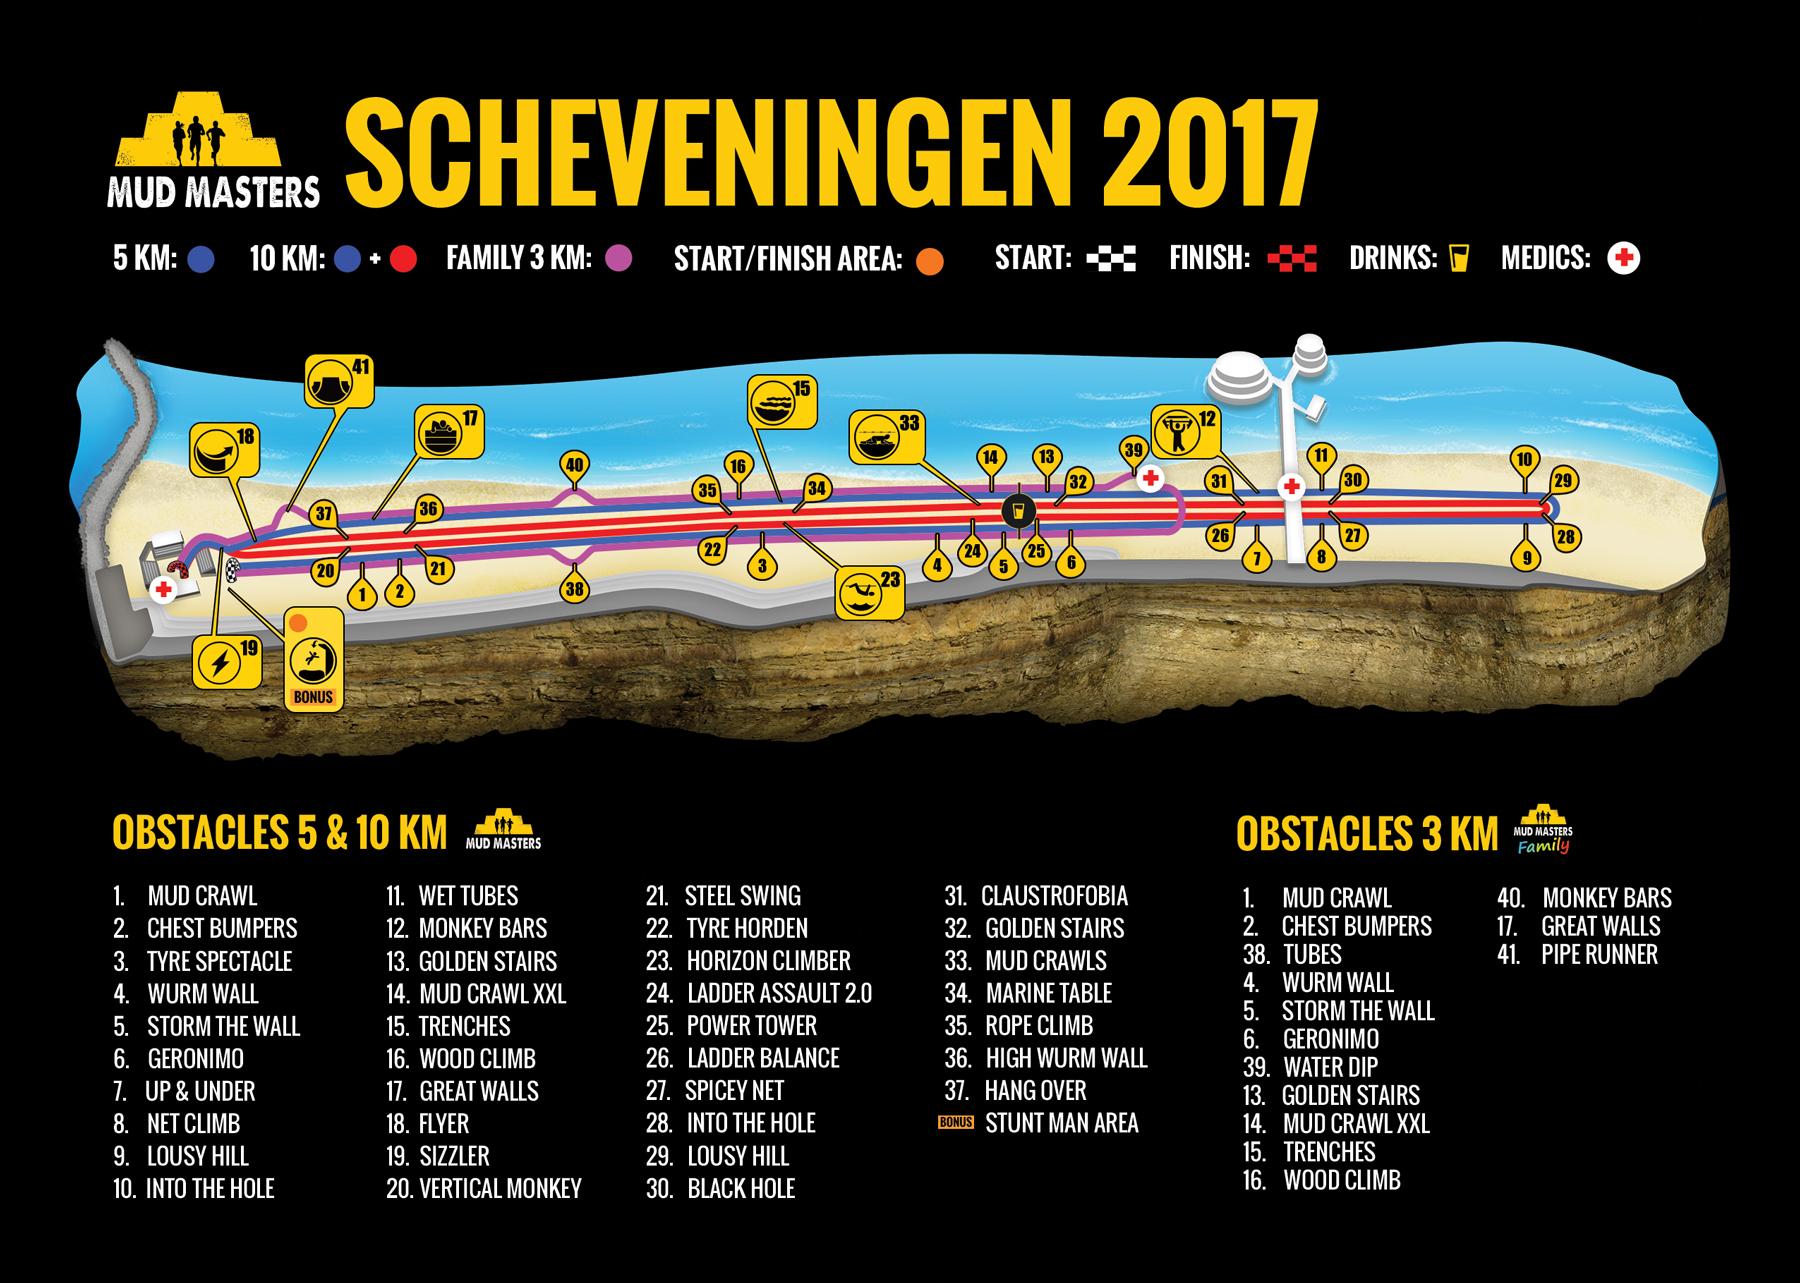 Scheveningen 2017 - Mud Masters Obstacle Run